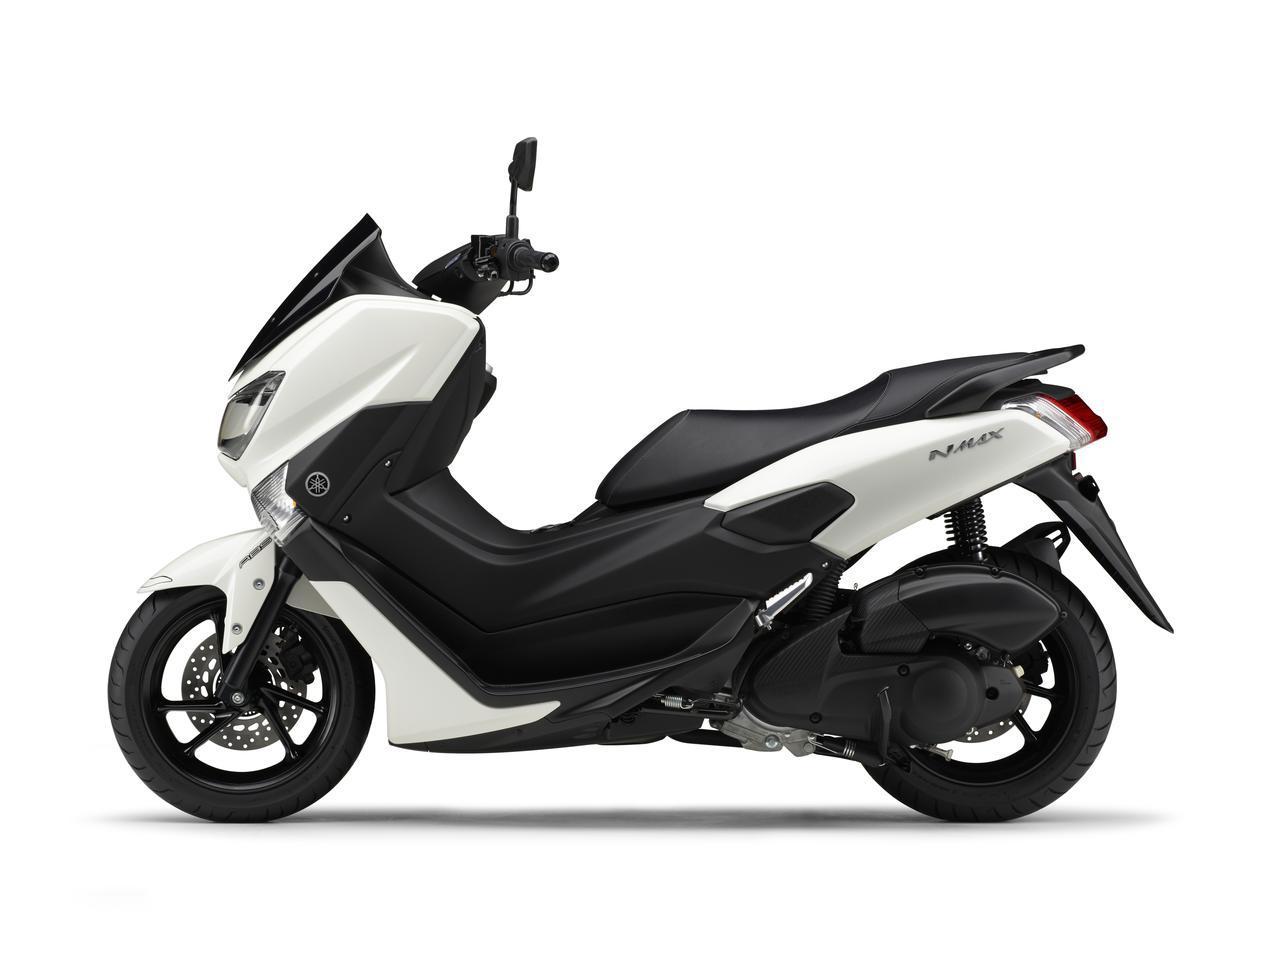 画像8: ヤマハ「NMAX ABS」(2020年)解説&試乗インプレ|YAMAHAで最も高価な125cc二輪スクーターの魅力とは?